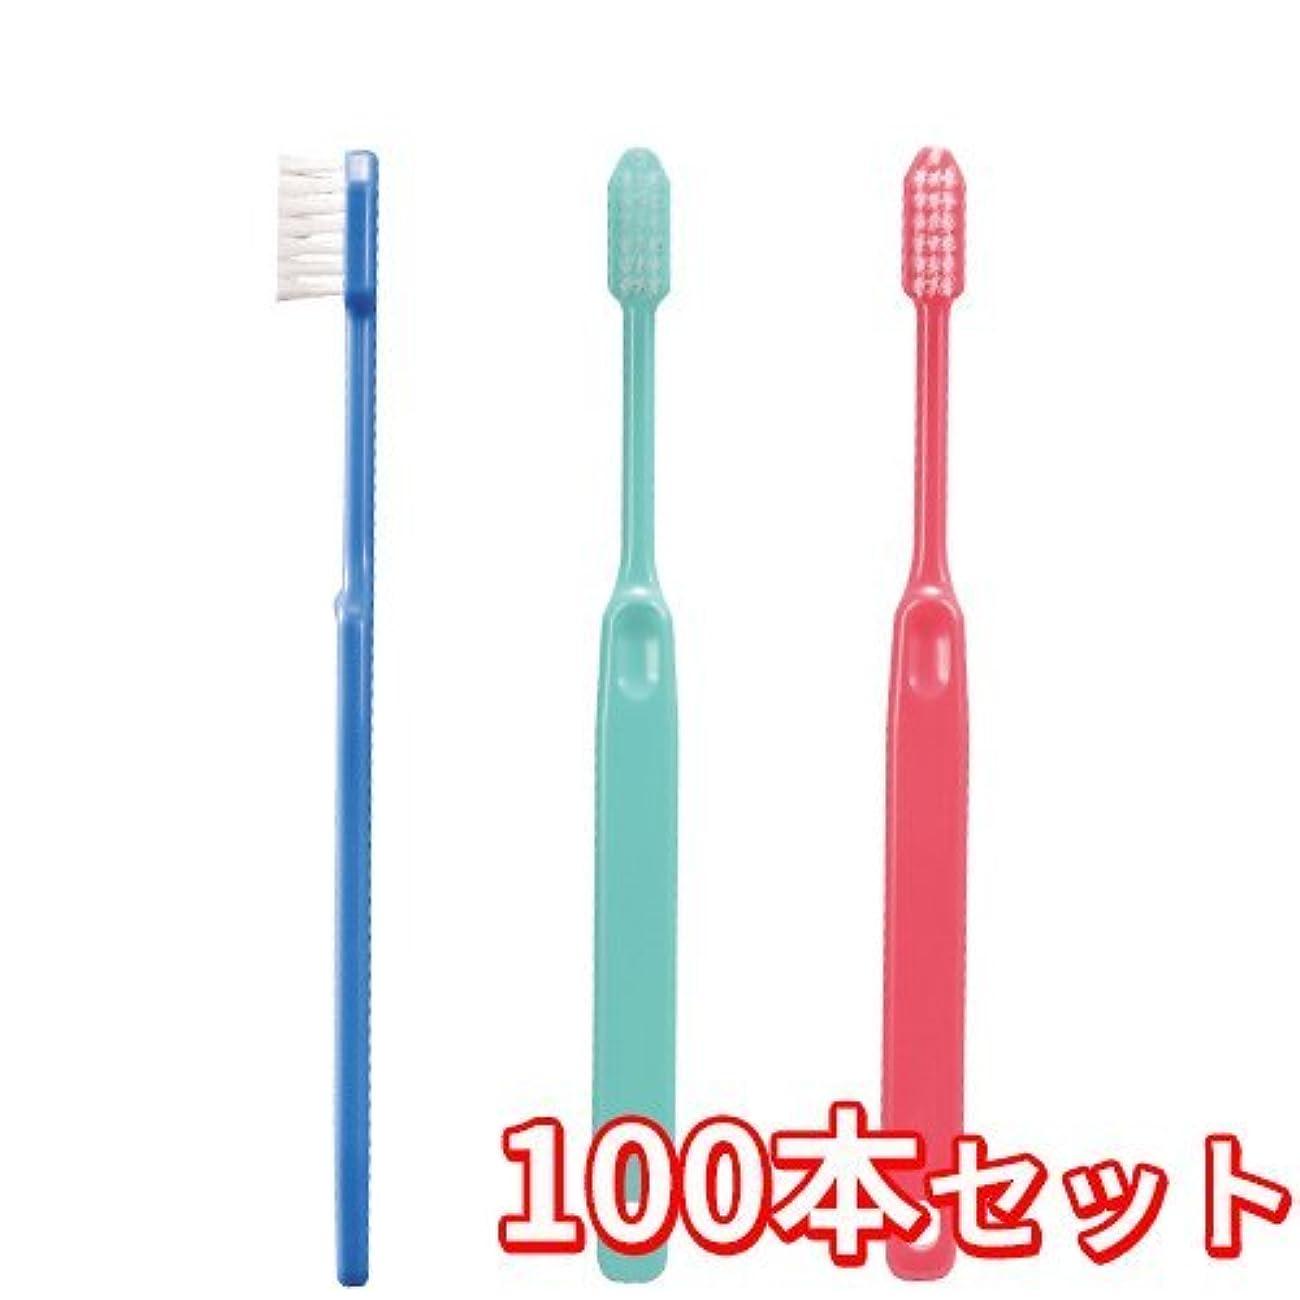 パワーセル避けられない租界Ciメディカル 歯ブラシ コンパクトヘッド 疎毛タイプ アソート 100本 (Ci25(やわらかめ))